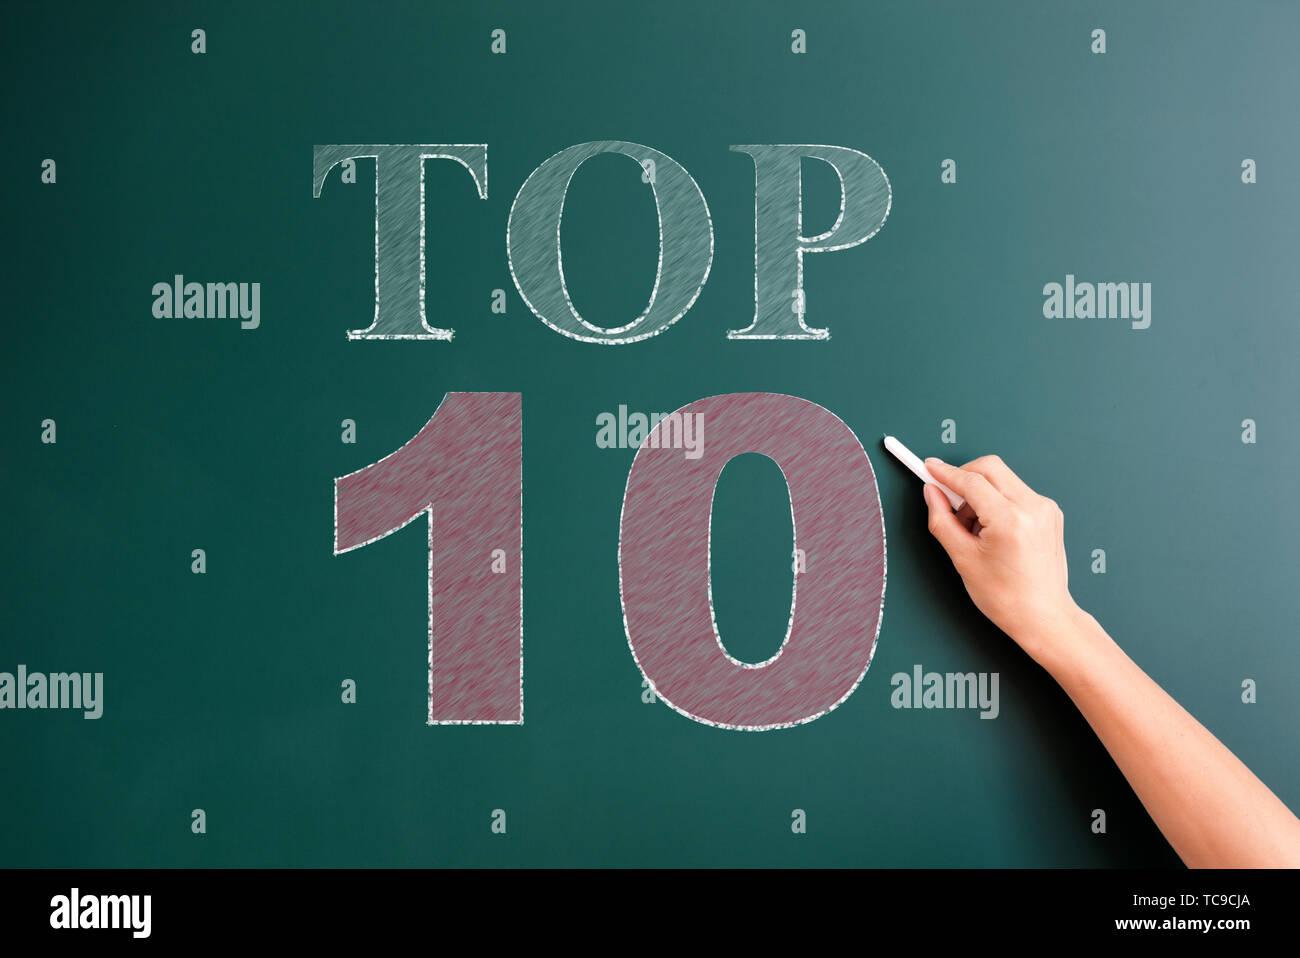 top 10 written on blackboard - Stock Image